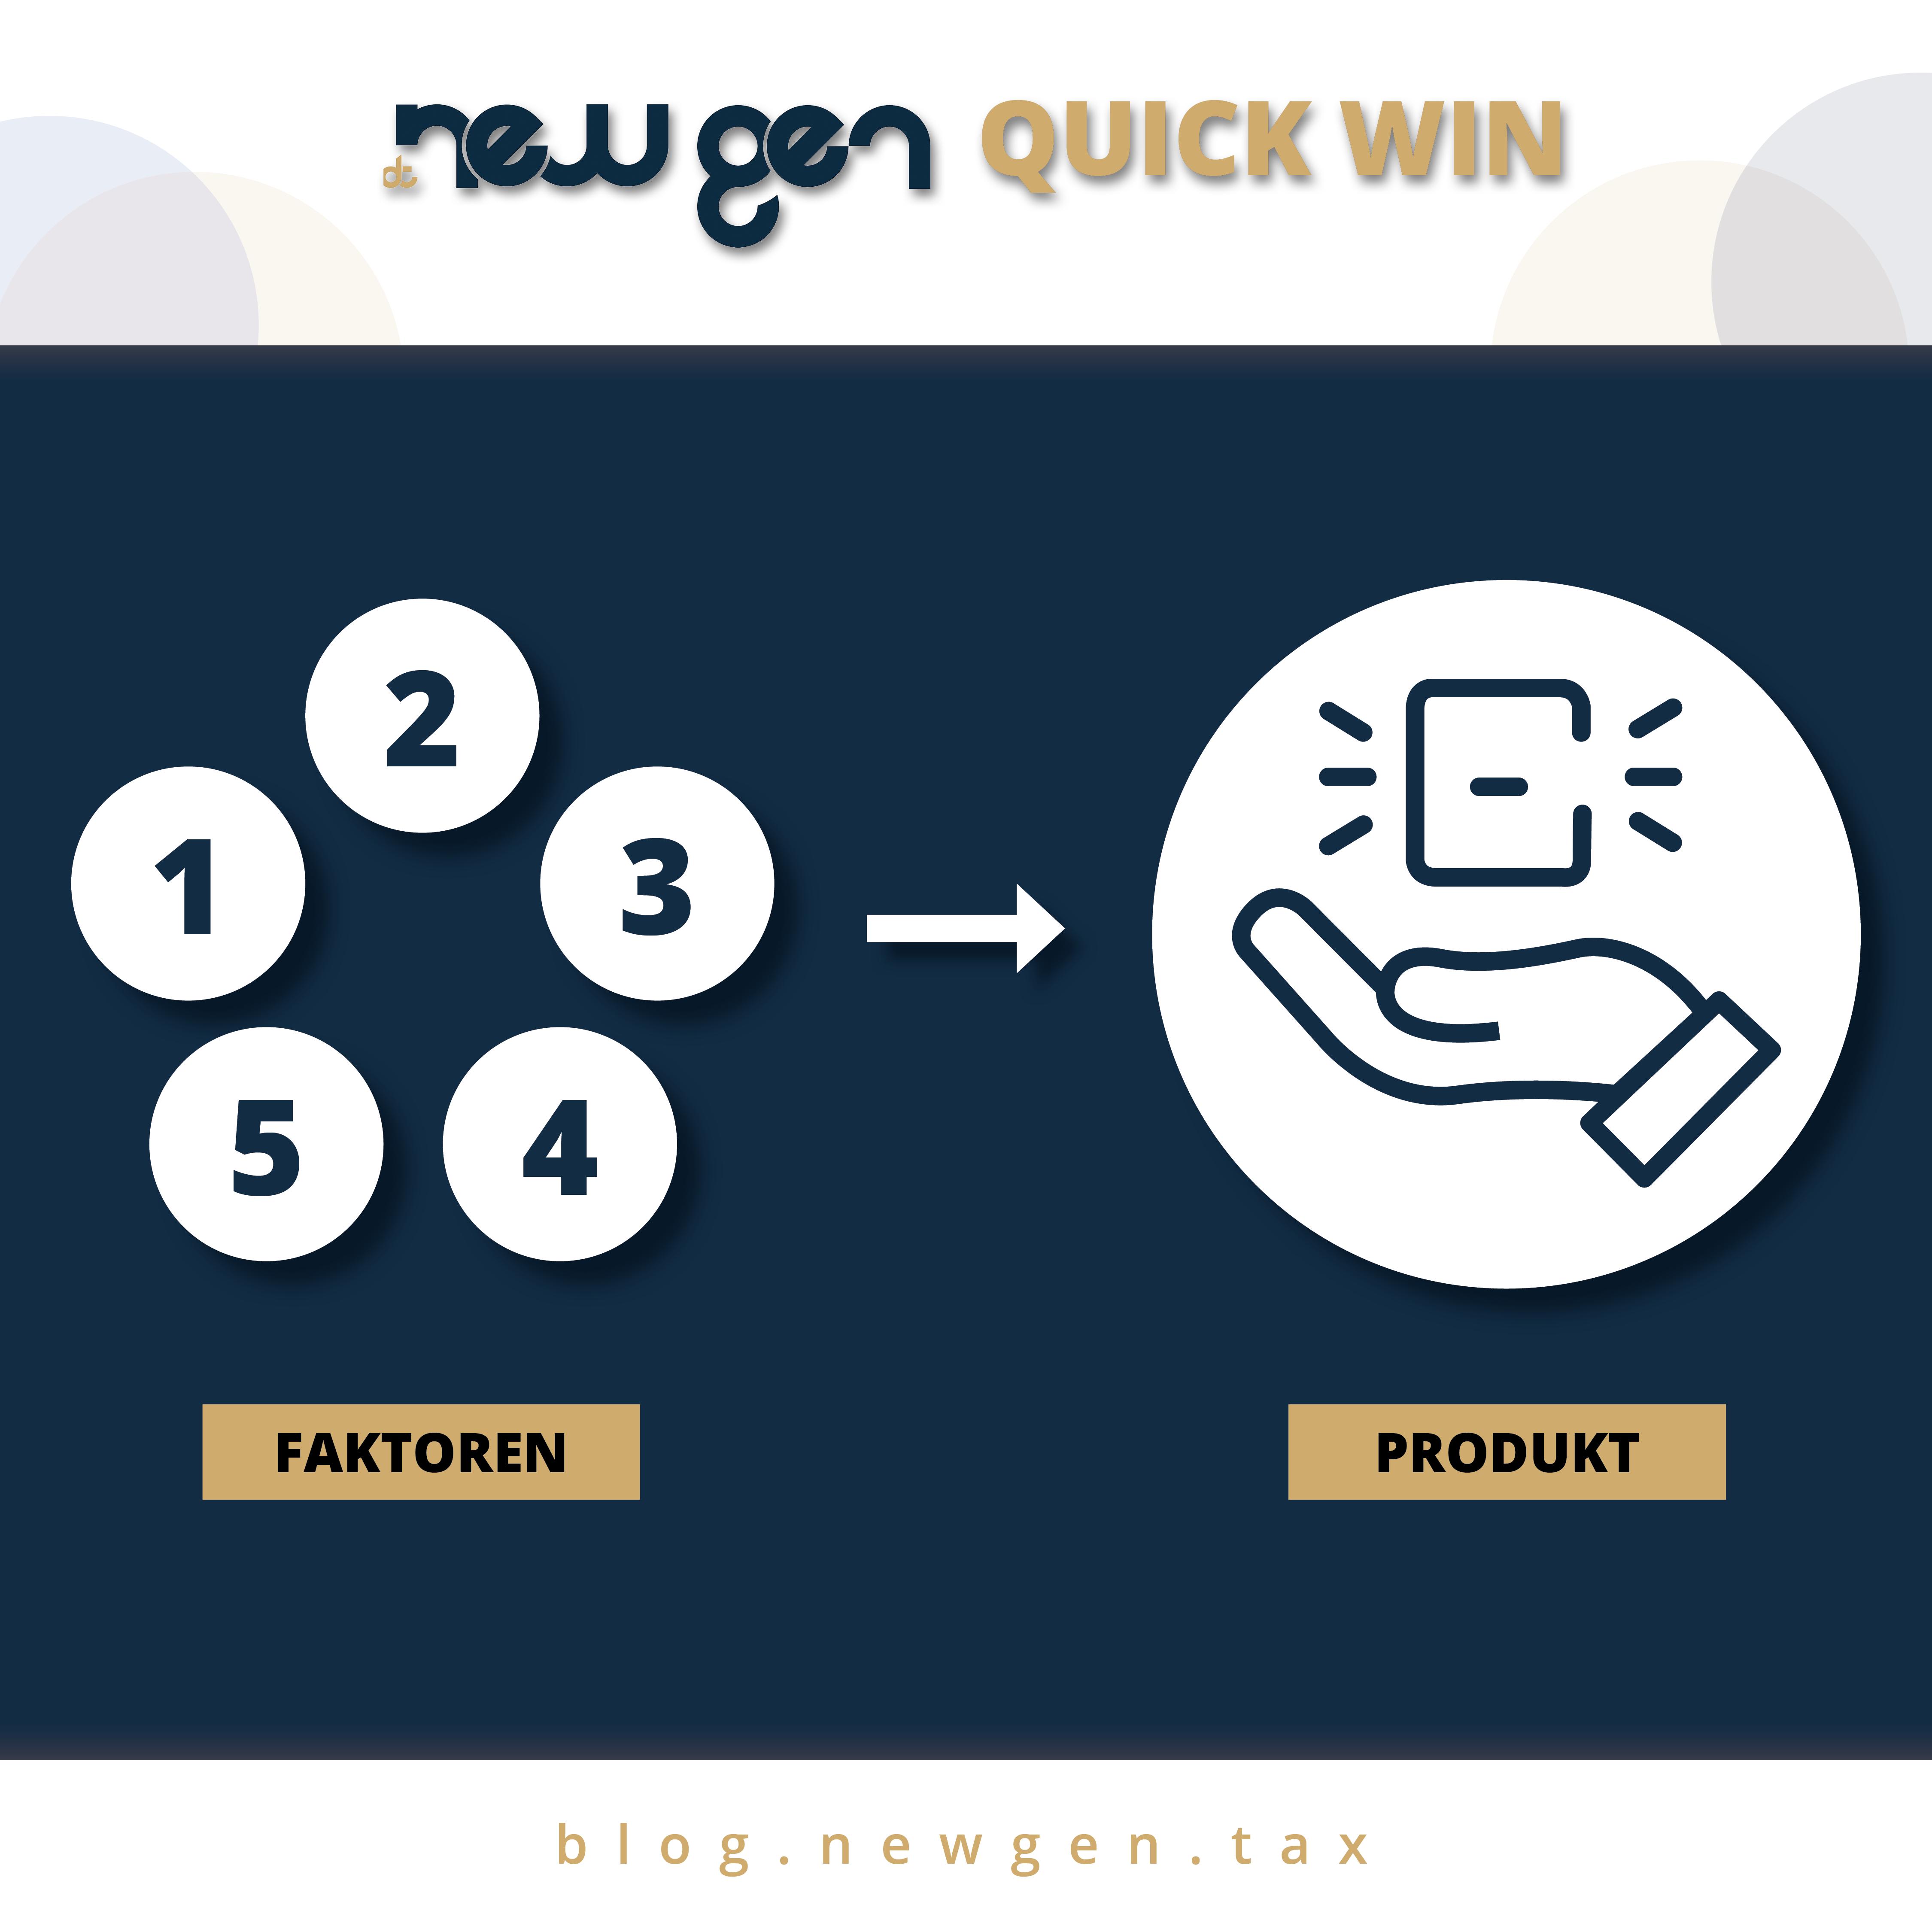 new gen Quick Win: Leistungen in Produkte aufteilen